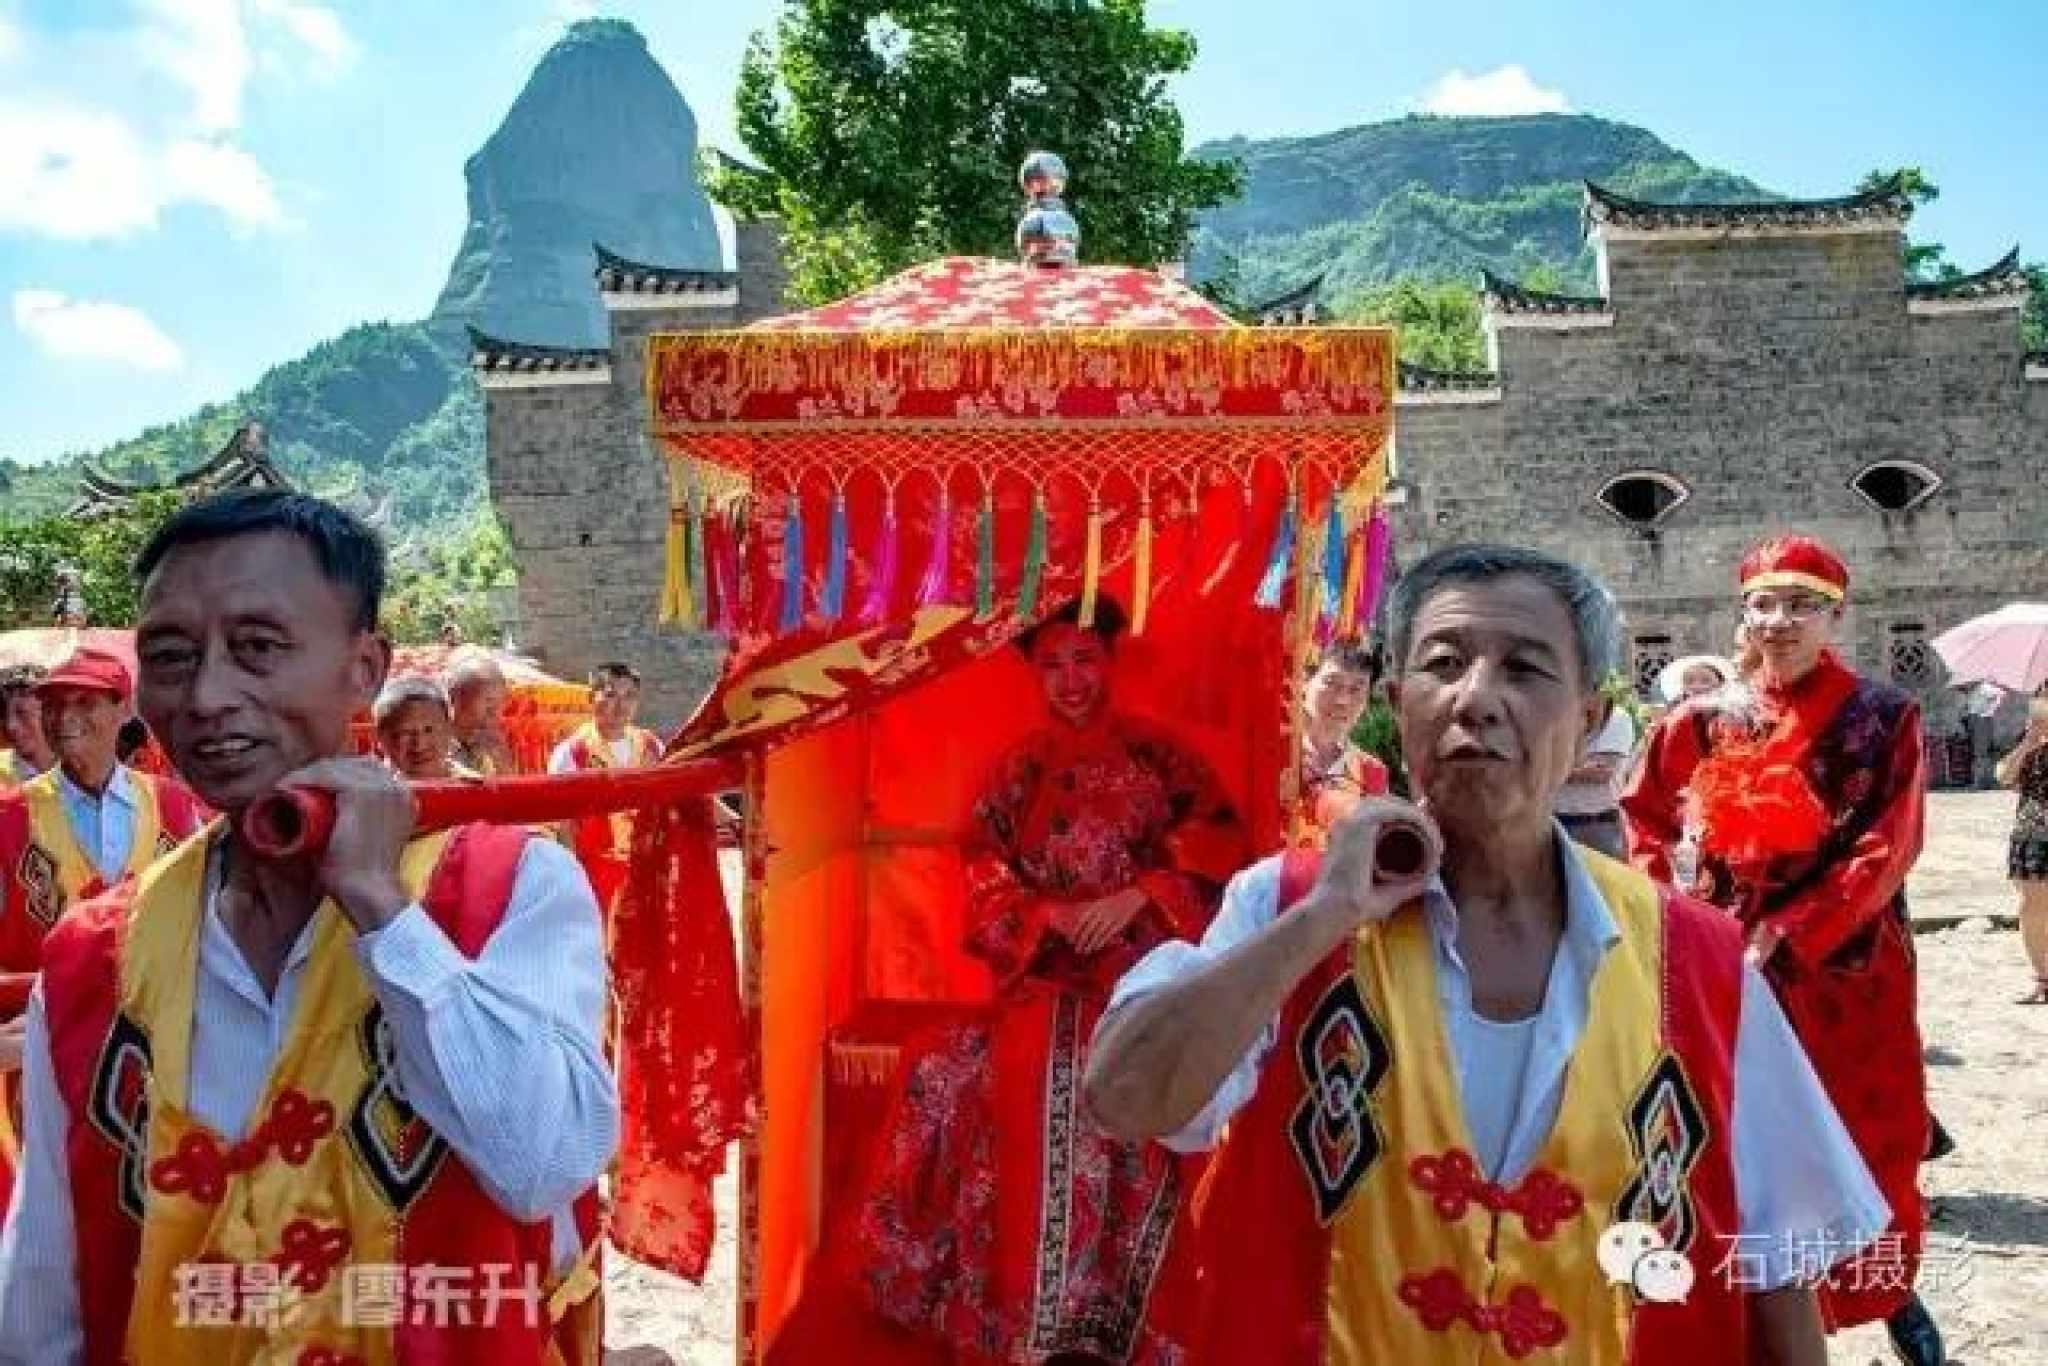 图说:石城客家传统婚礼仪式及其文化意义图片